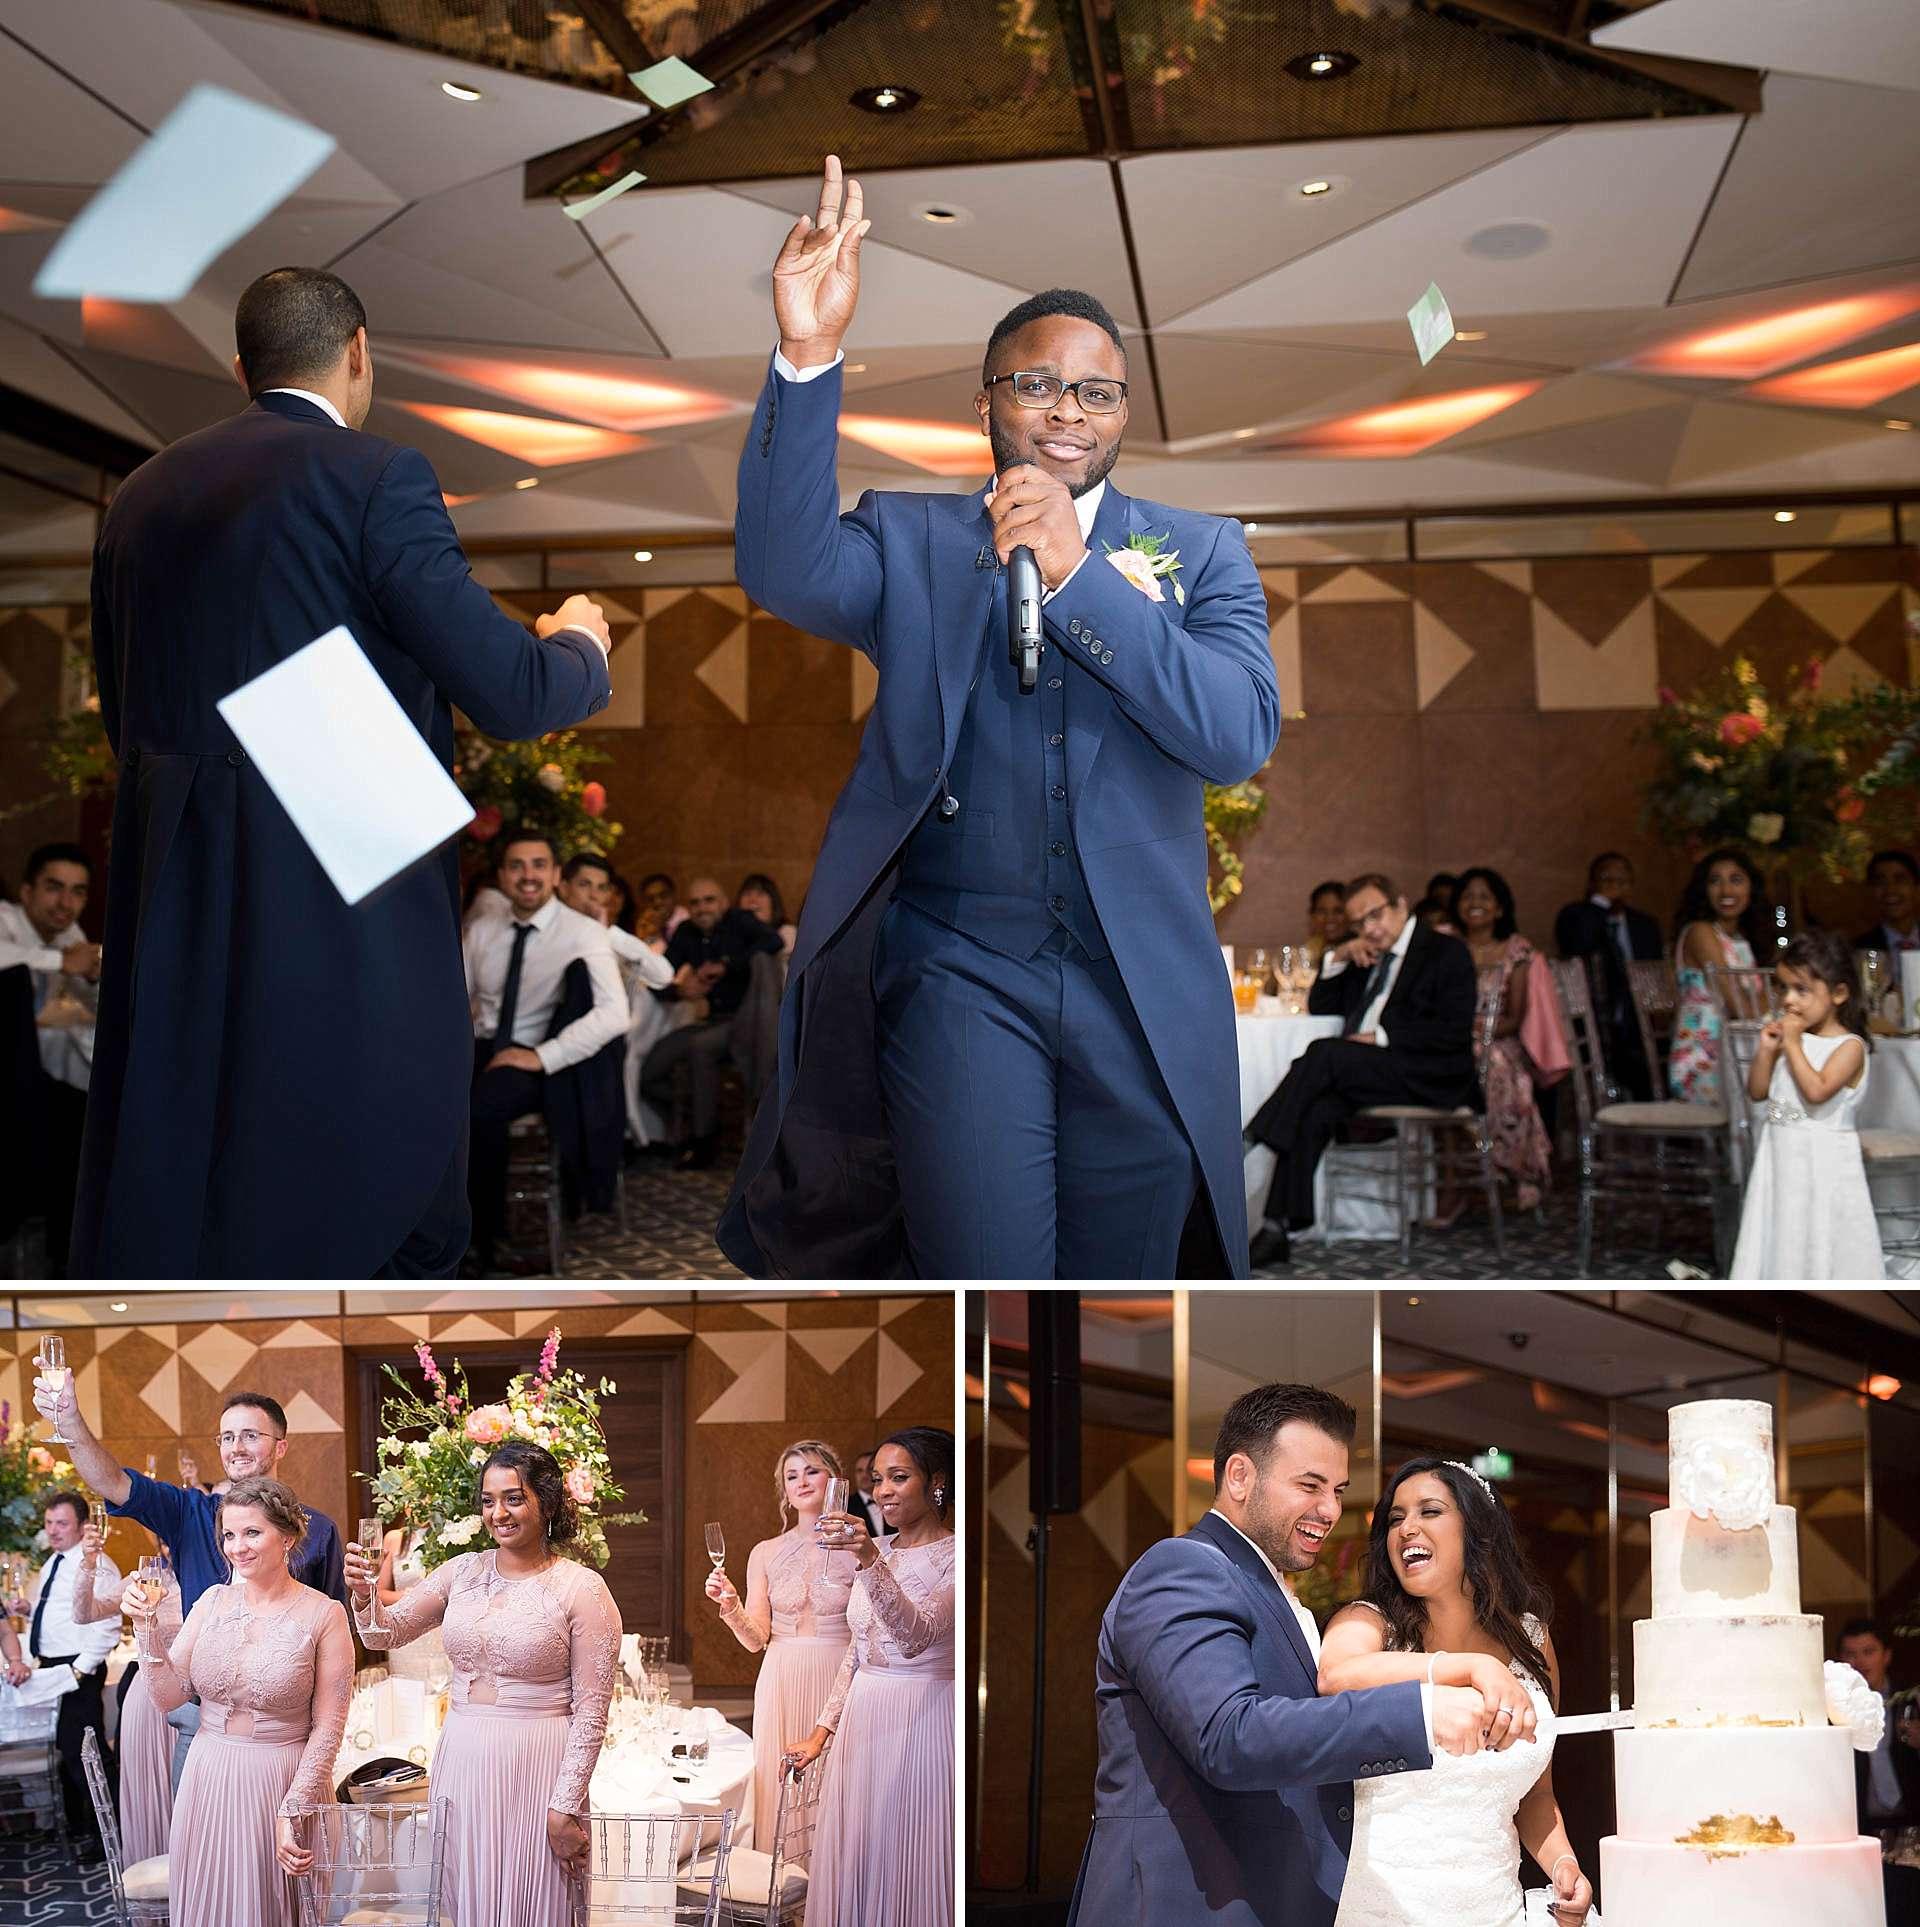 Niroosha and Matthew's wedding